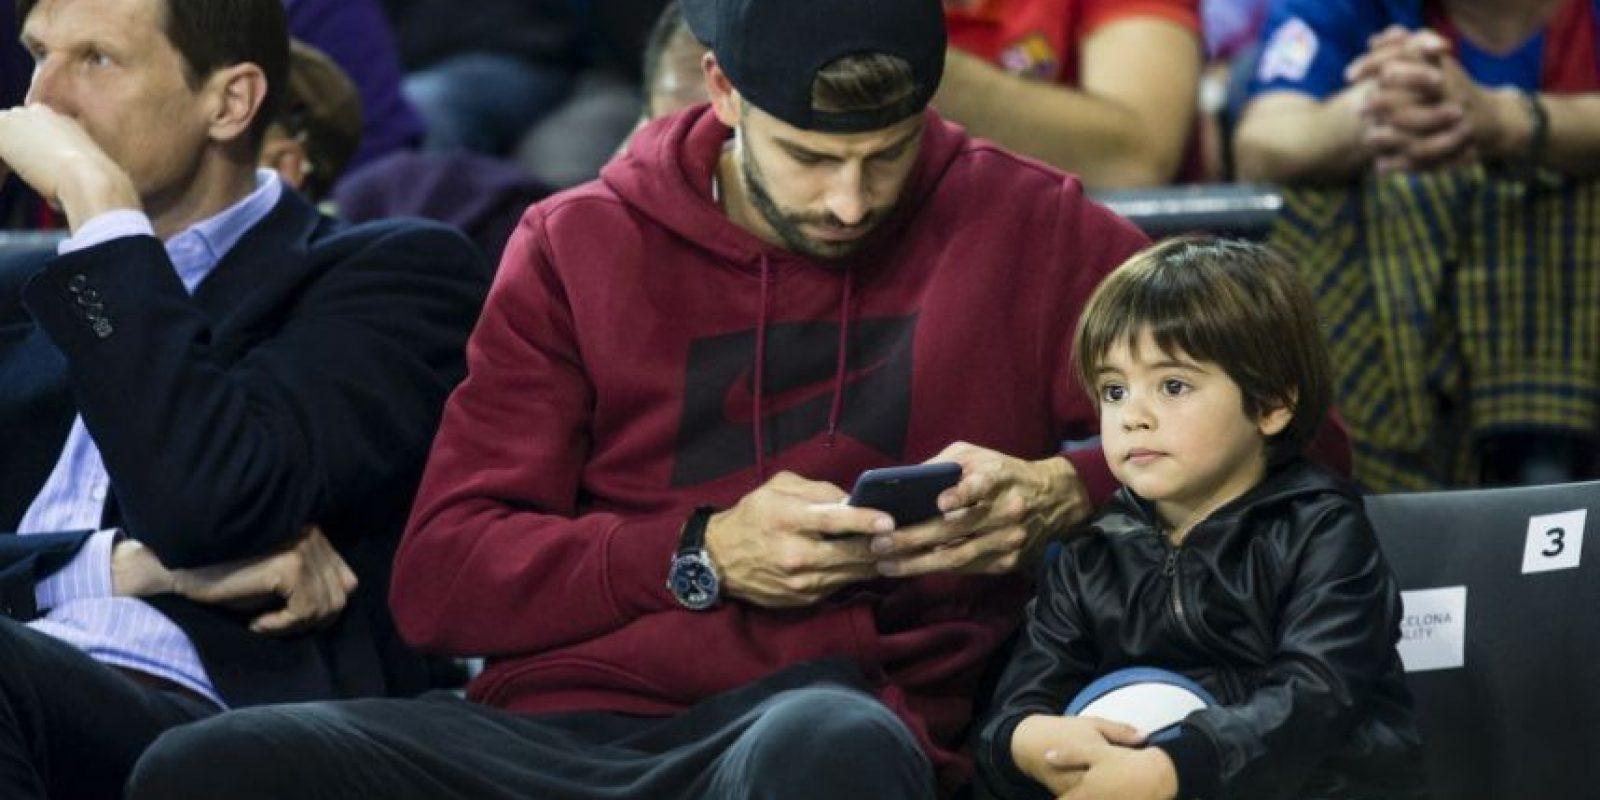 Padre e hijo estuvieron en el encuentro de básquetbol entre el Barcelona y el Real Madrid, en elPalau Blaugrana, el domingo 6 de noviembre. Foto:Grosby Group